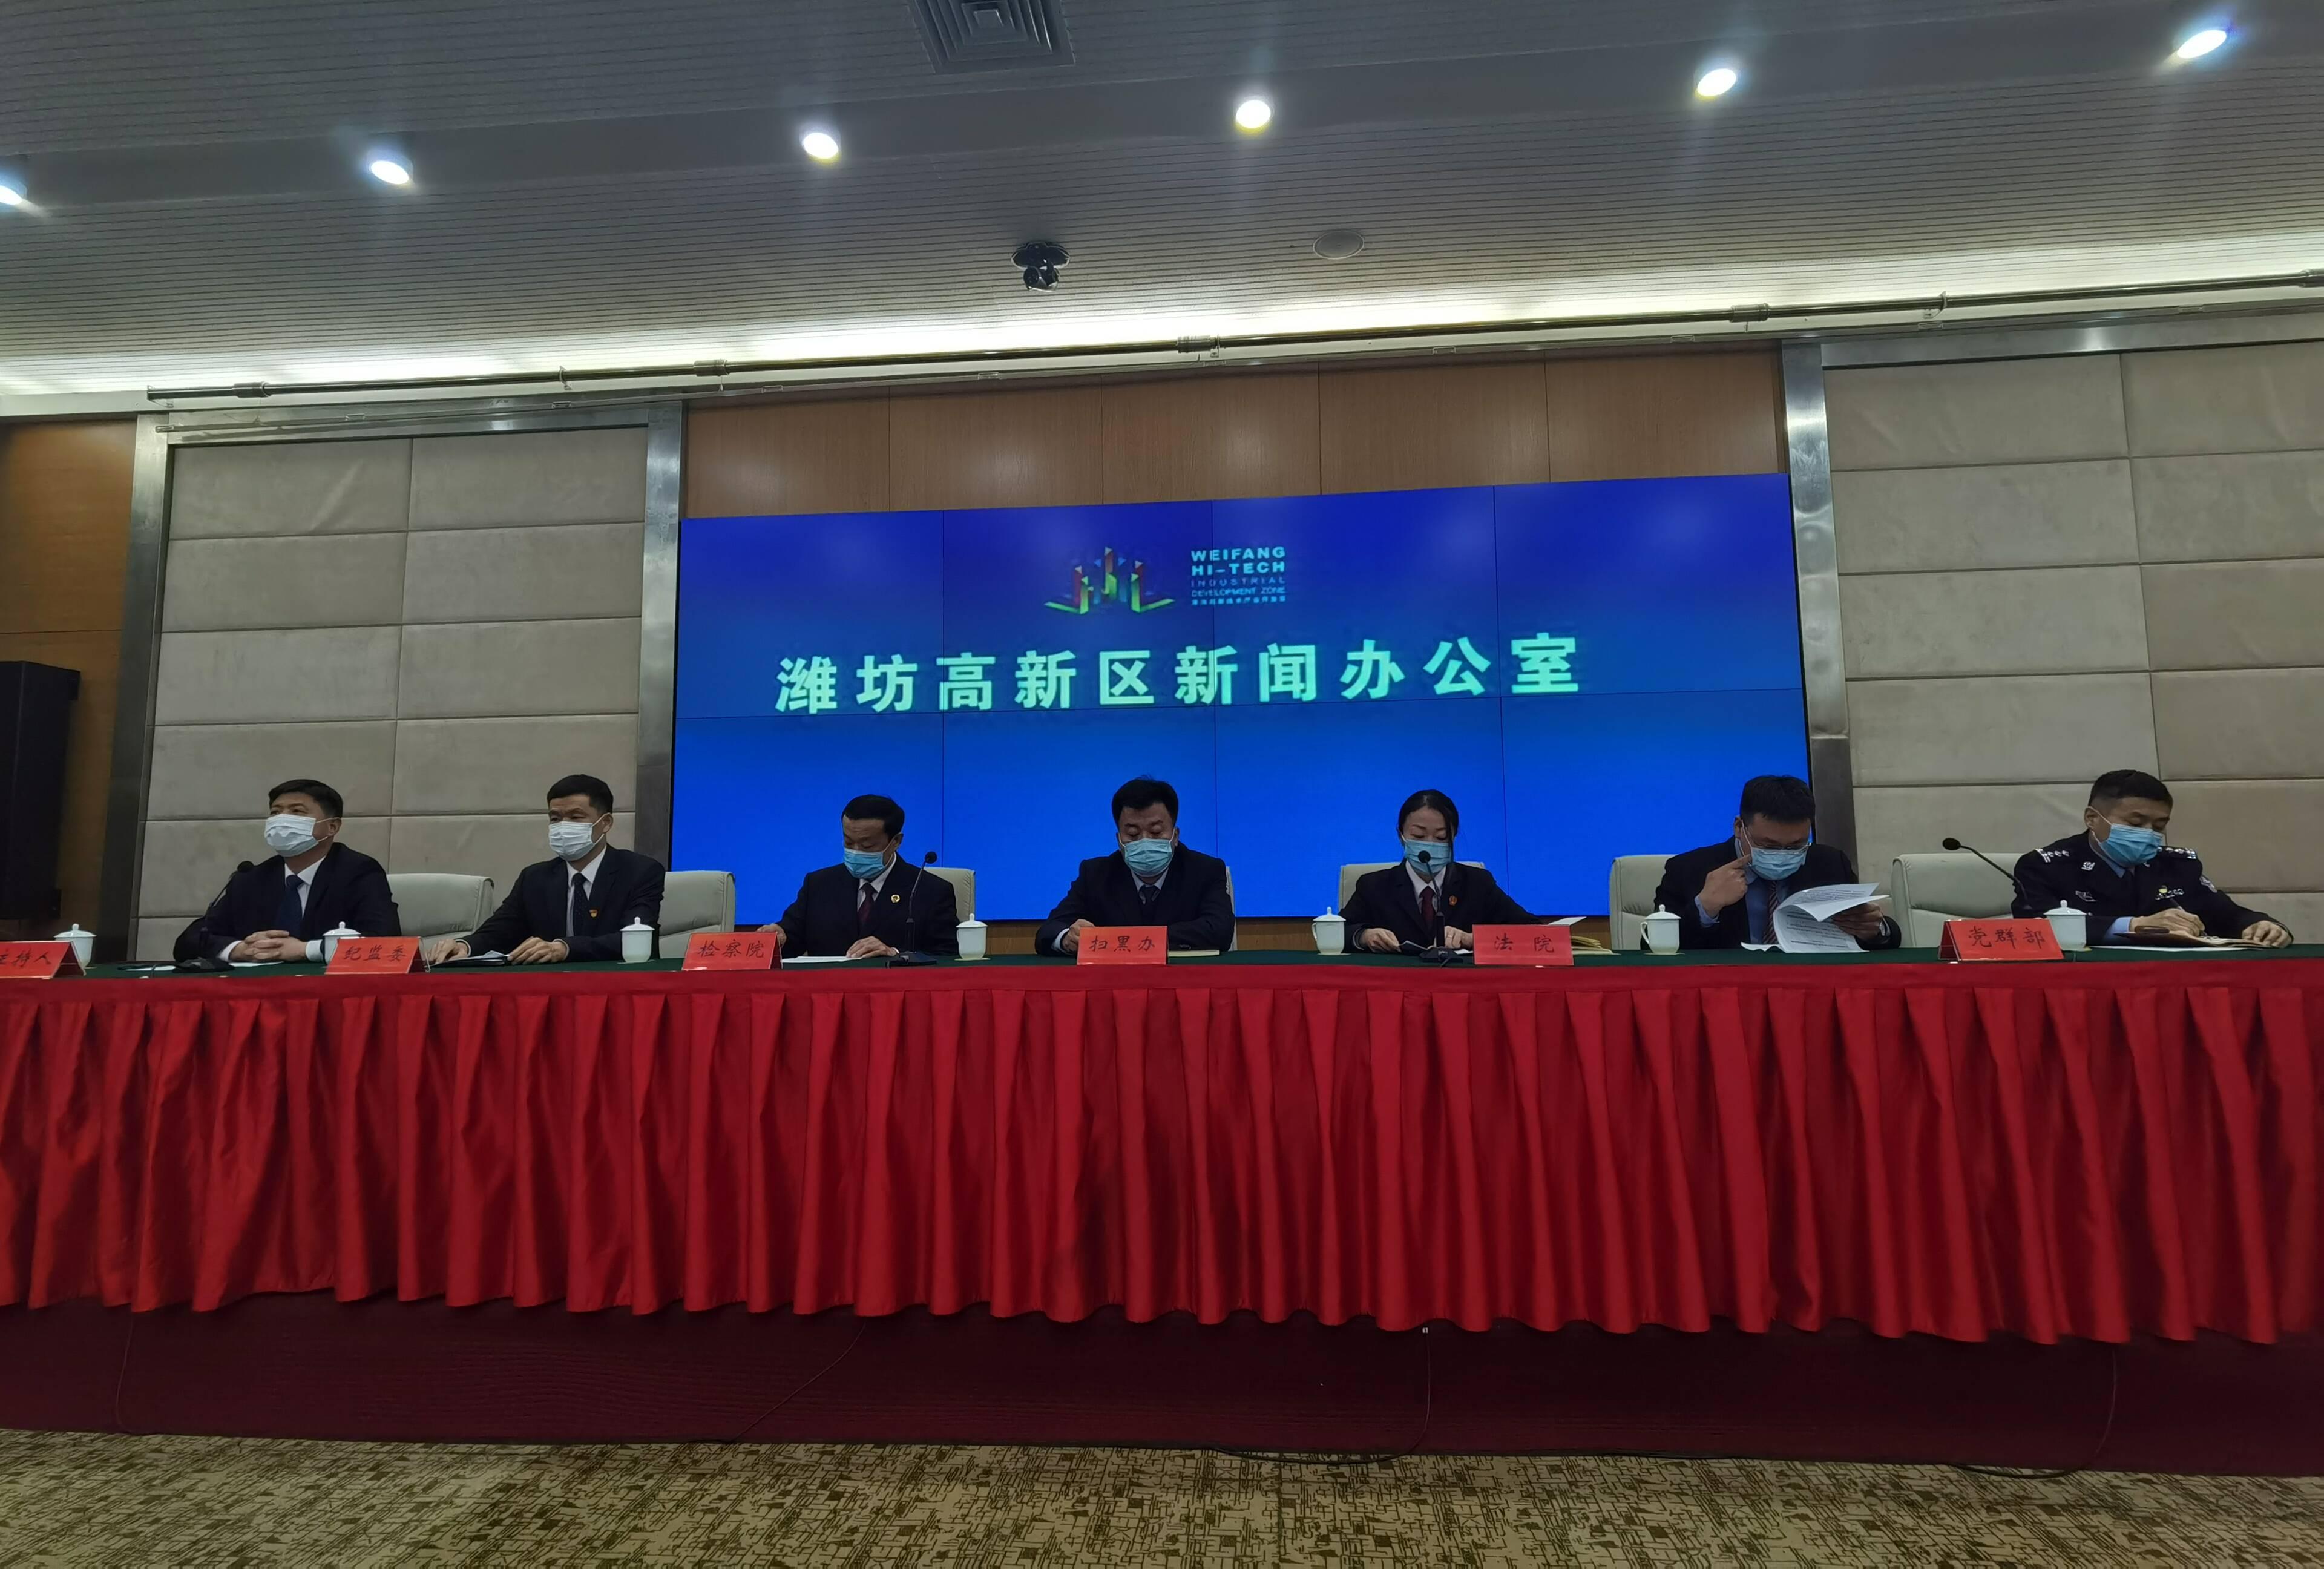 潍坊高新区扫黑除恶三年专项斗争收官 成绩单出炉